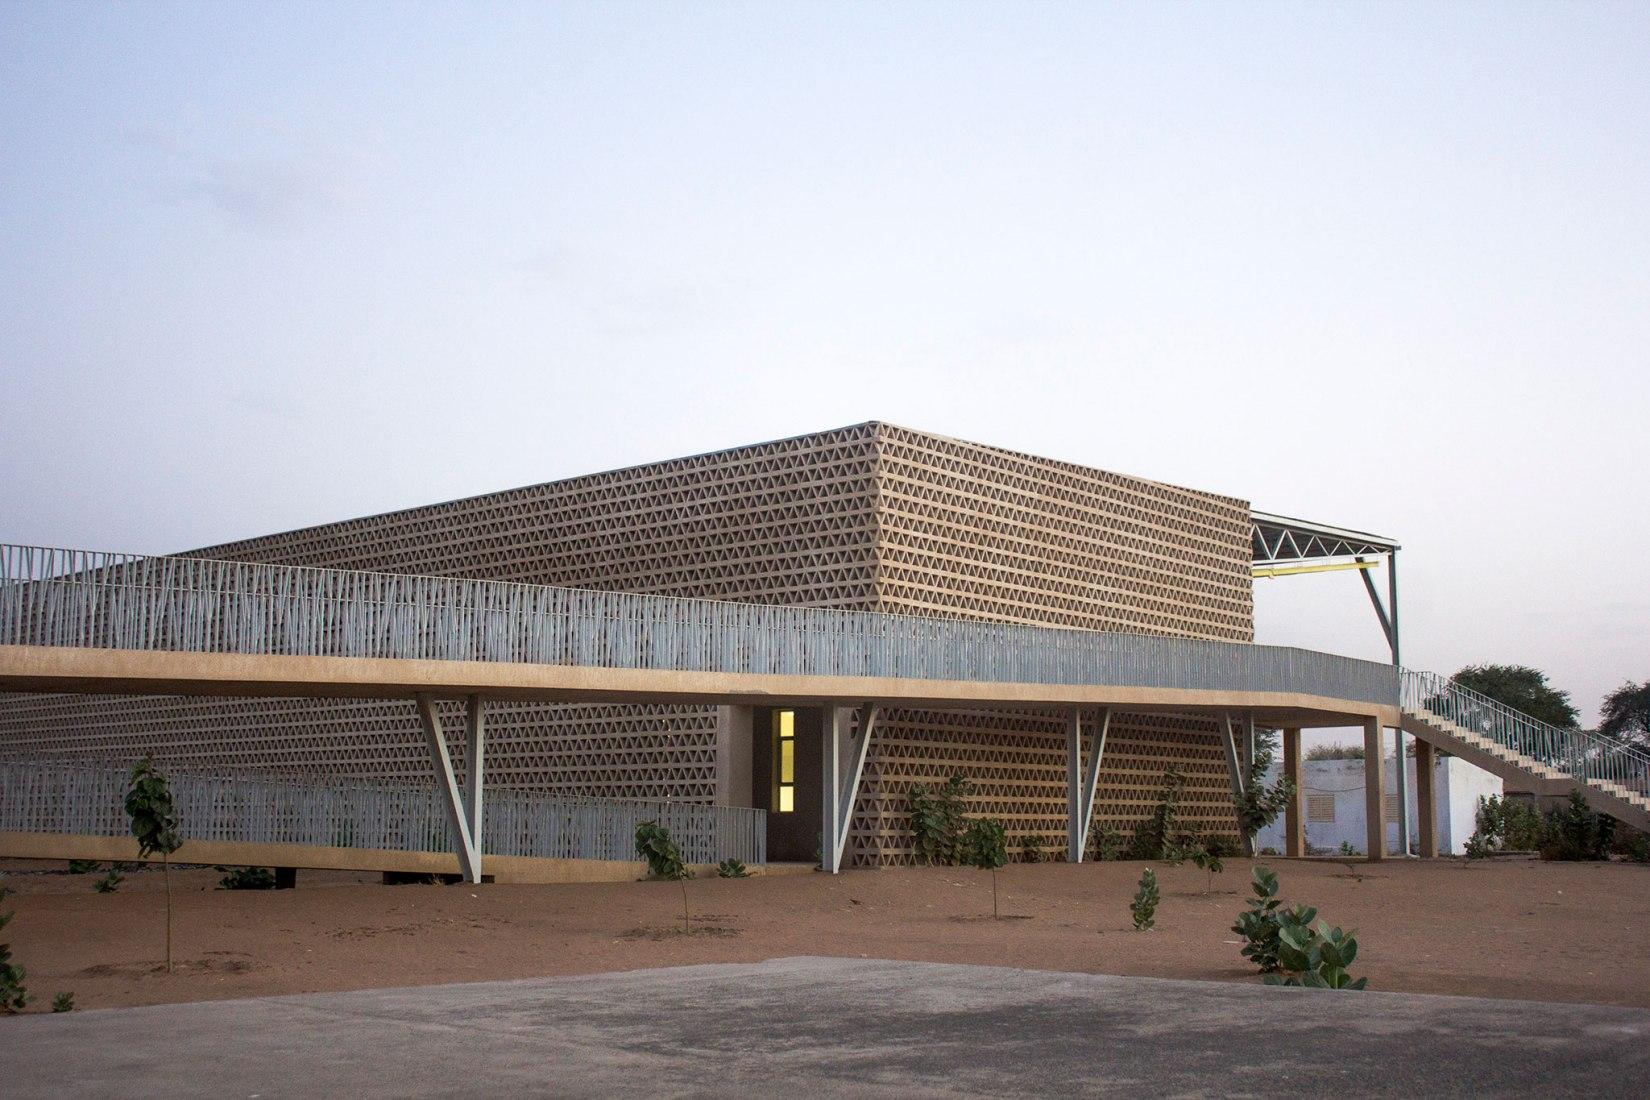 Vista de rampas de acceso y fachada. Edificio de conferencias de la Alioune Diop University por IDOM. Fotografía © Aga Khan Trust for Culture / Chérif Tall.